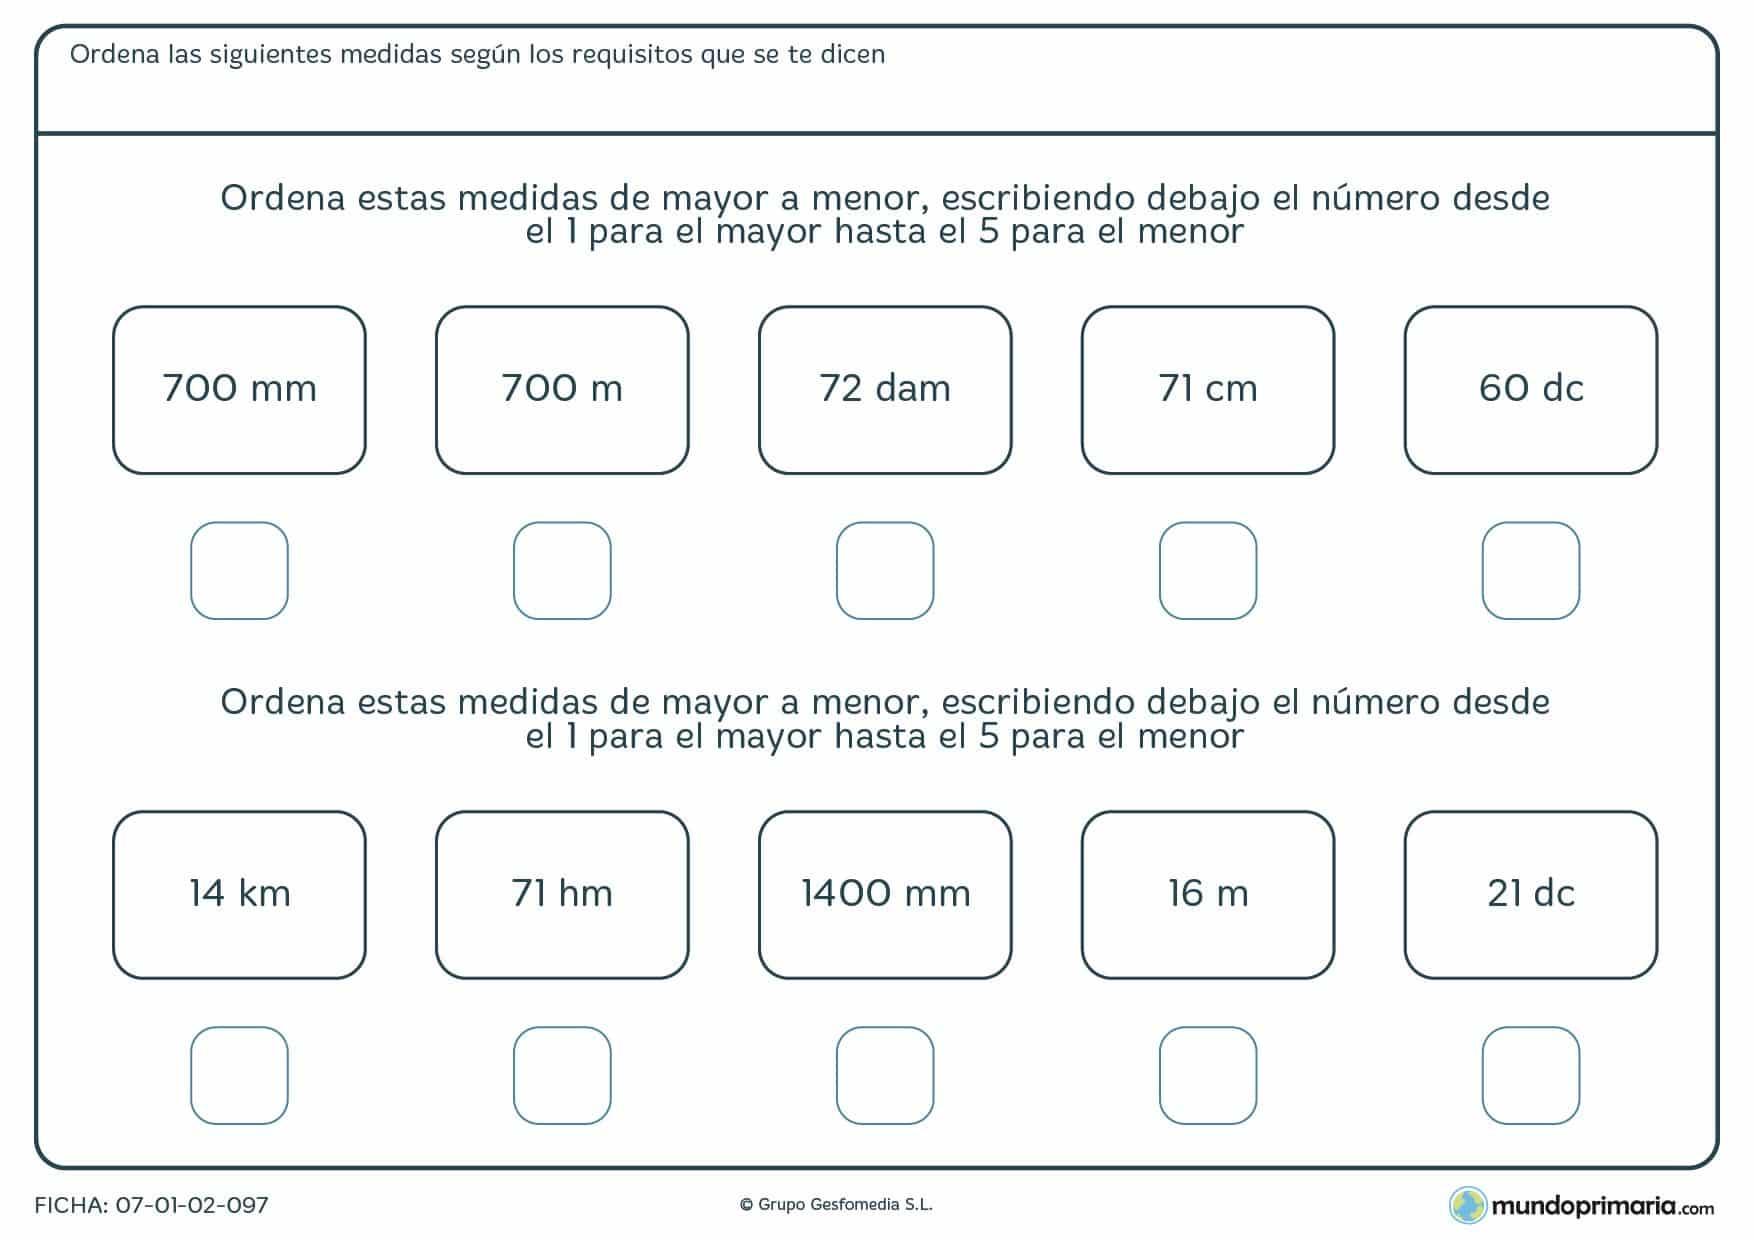 Ficha para 5º curso de Primaria de longitudes y distancias